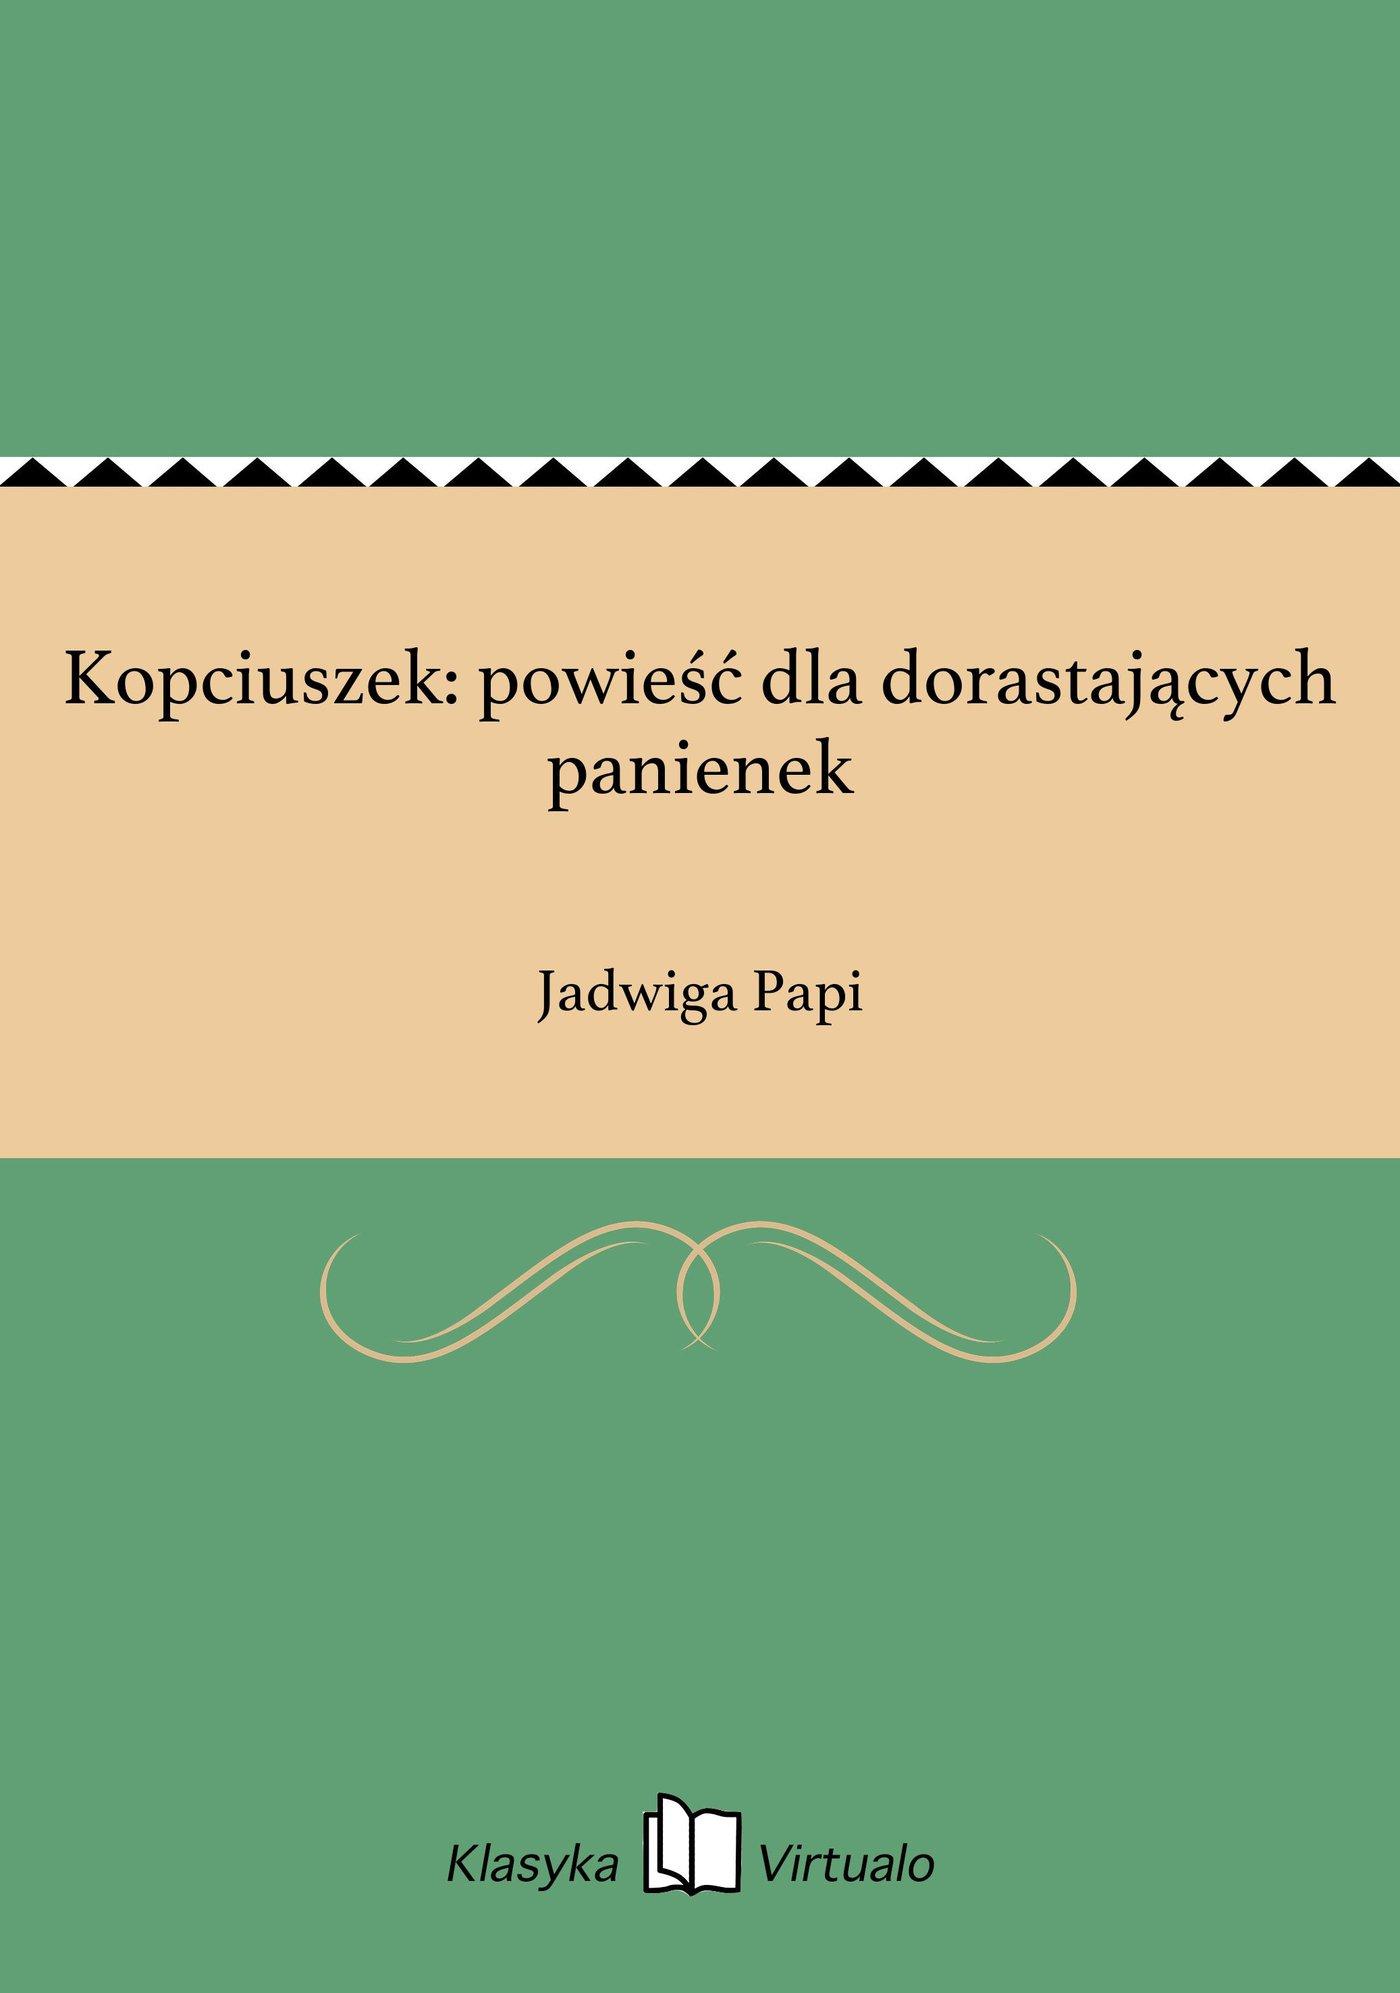 Kopciuszek: powieść dla dorastających panienek - Ebook (Książka EPUB) do pobrania w formacie EPUB